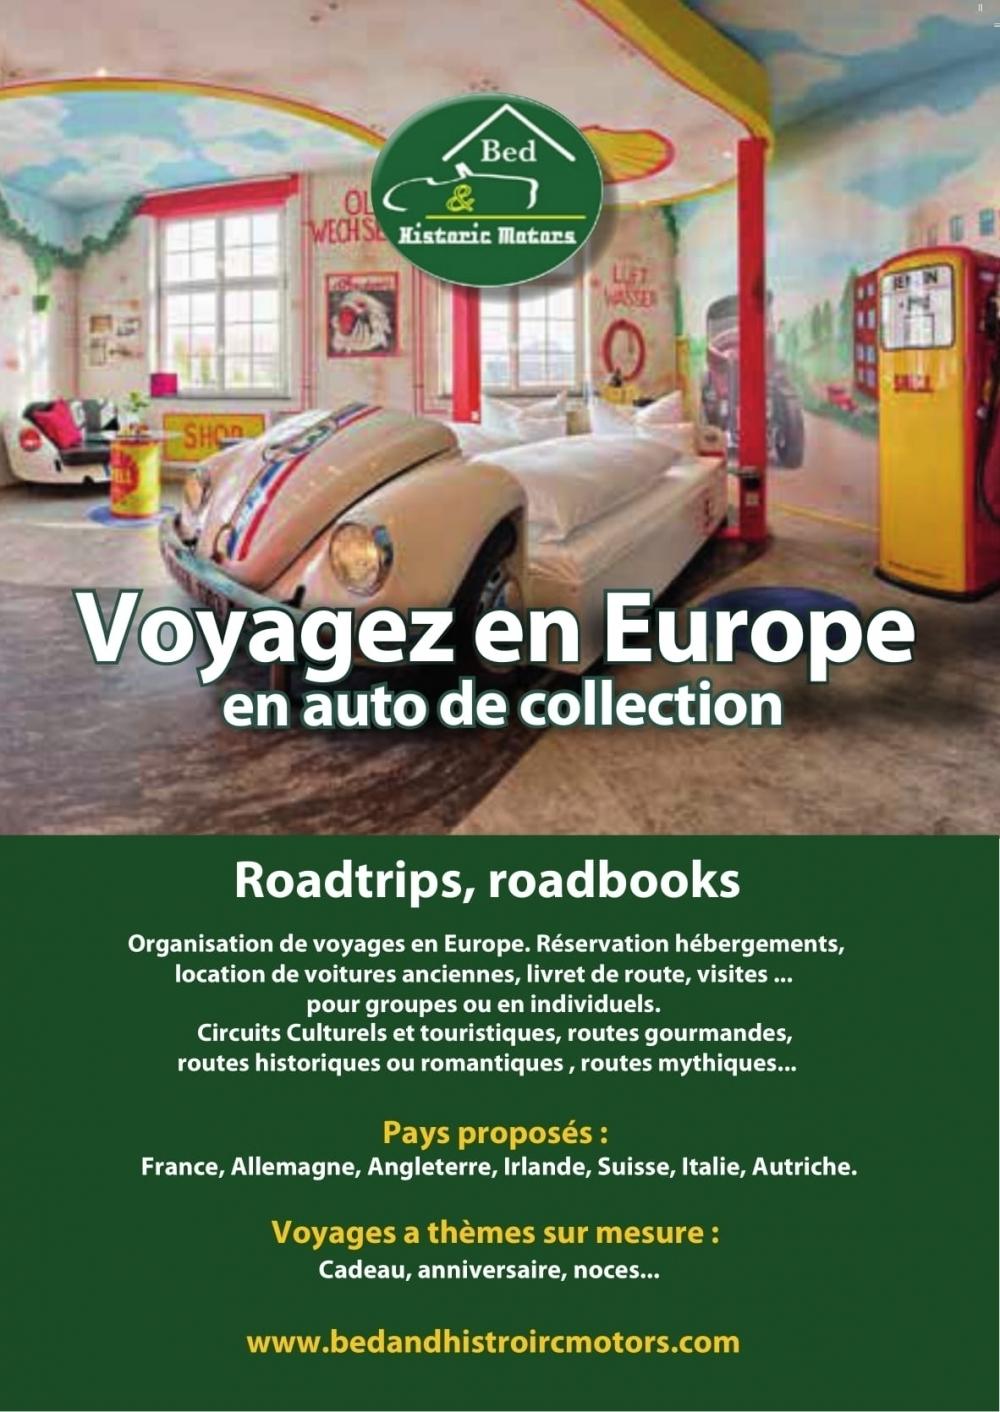 Voyagez en autos de collections